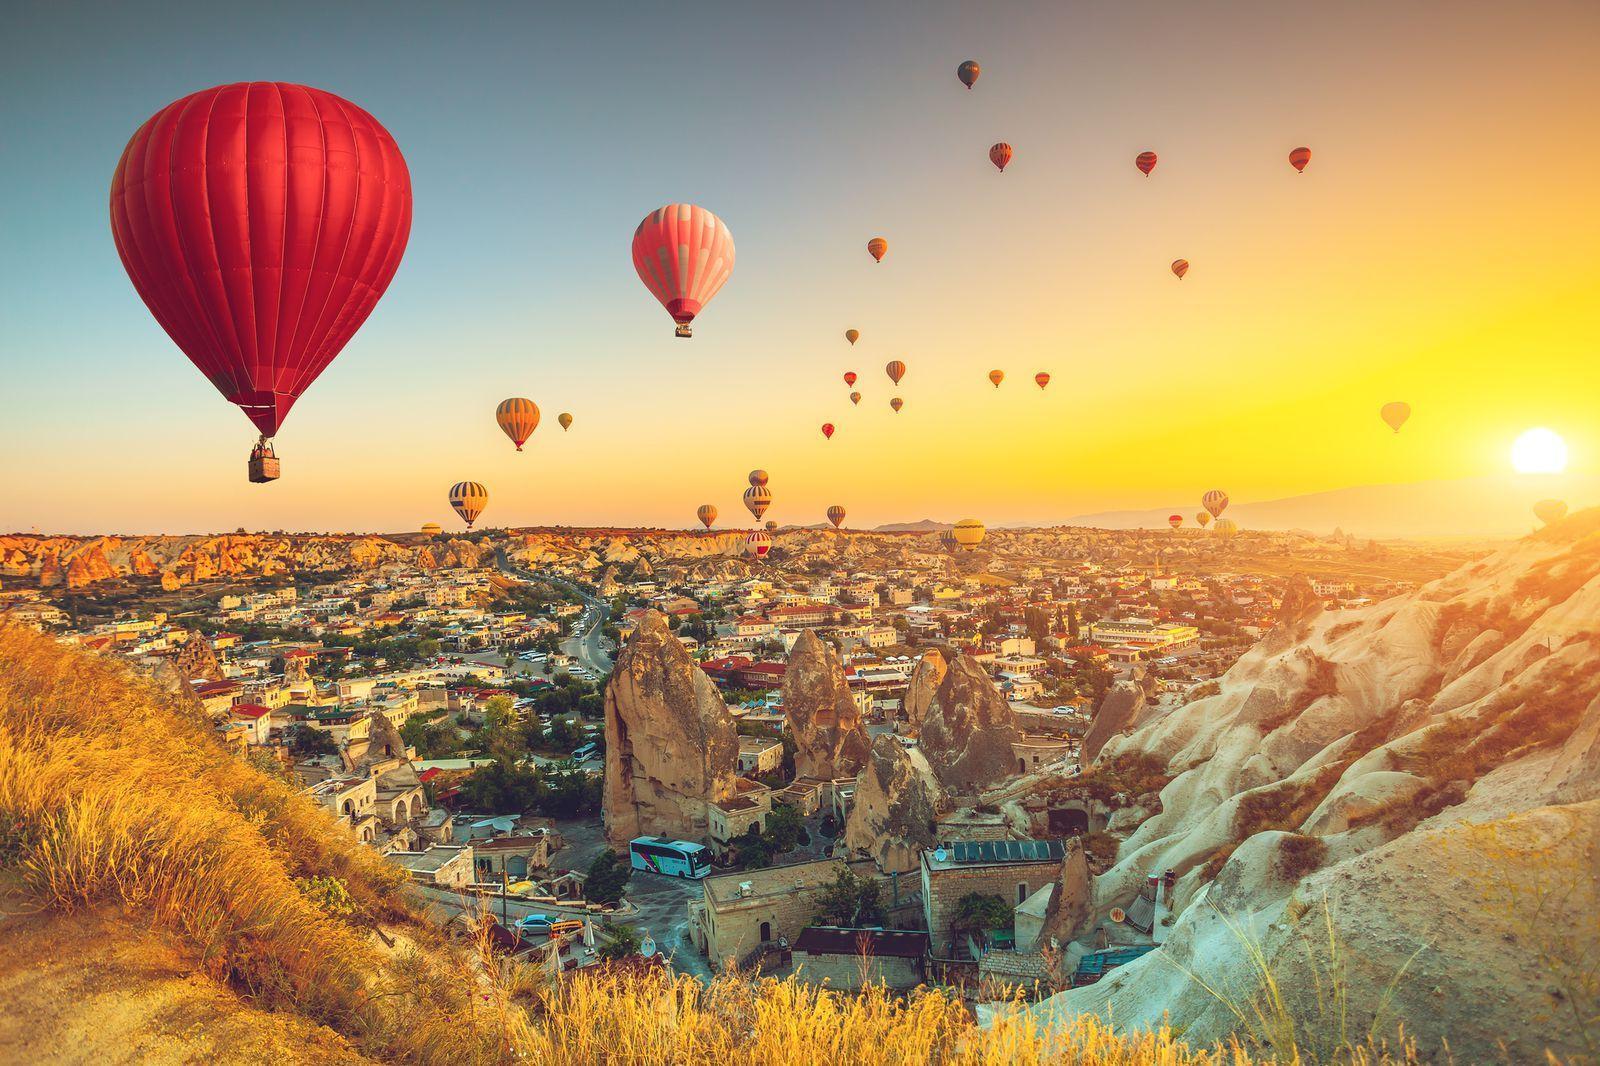 海外 幻想的な画像 写真を大量まとめ 壁紙 高画質 綺麗 絶景